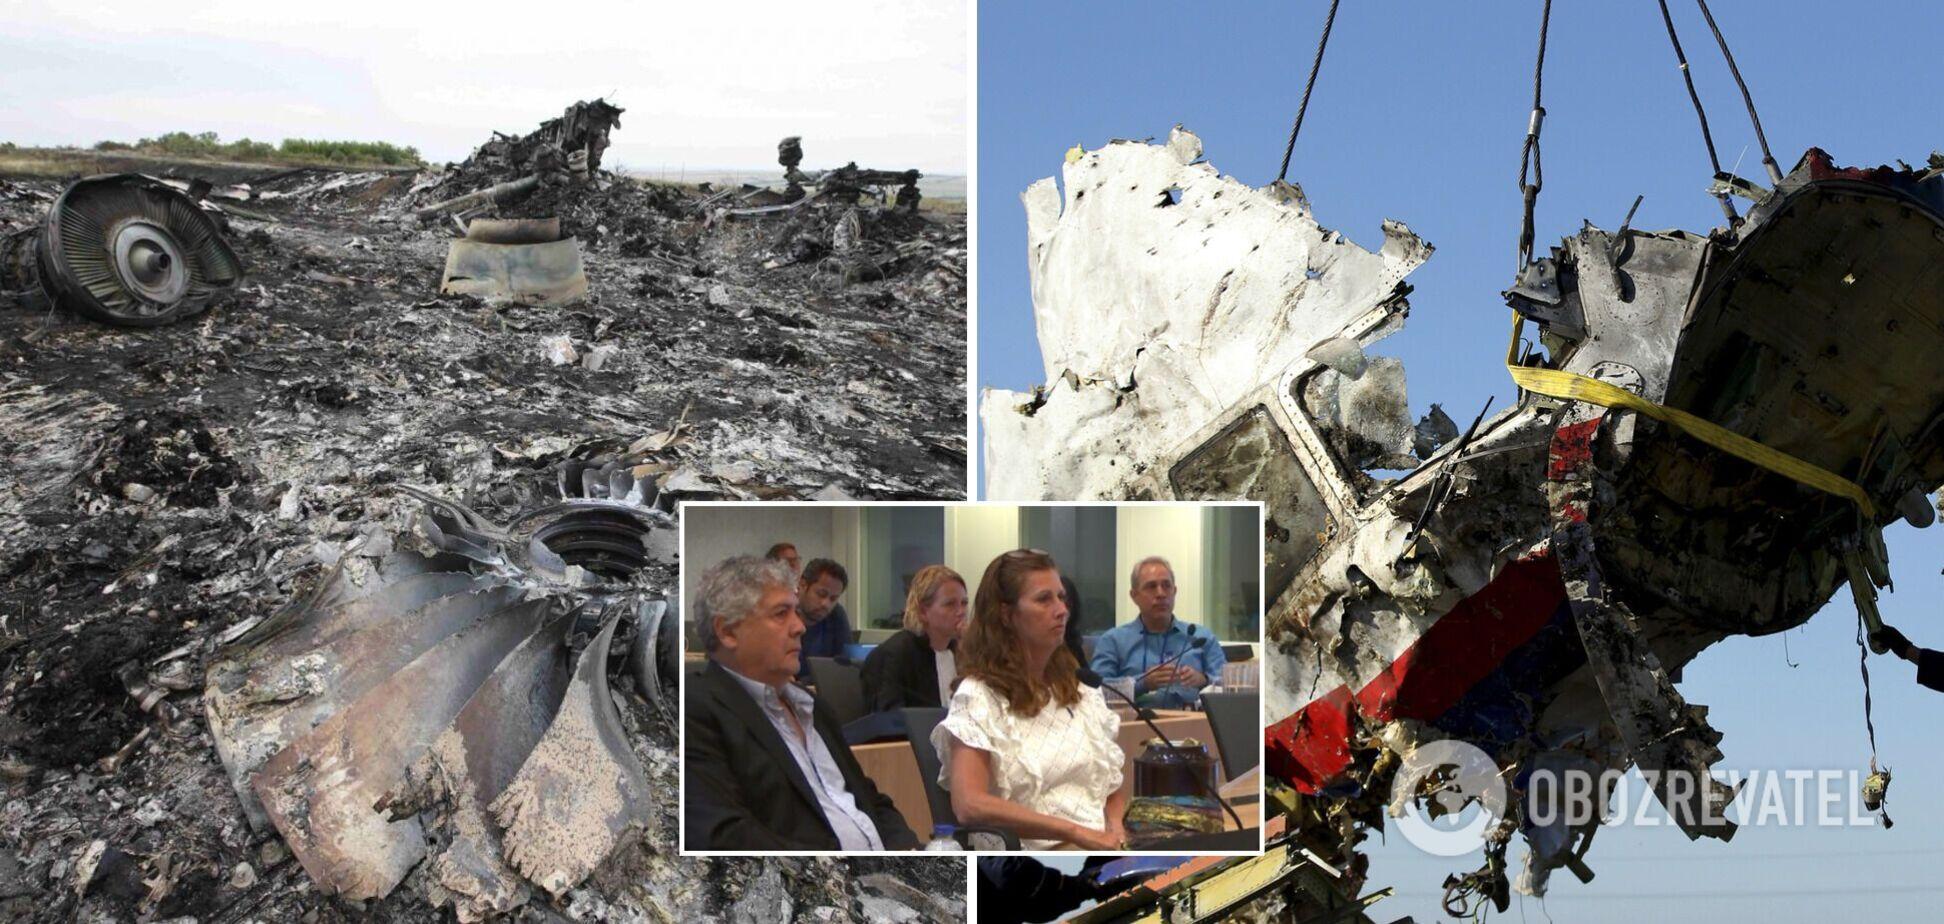 Мати загиблого в катастрофі МН17 хлопця принесла в суд у Гаазі прах сина і звернулася до Путіна